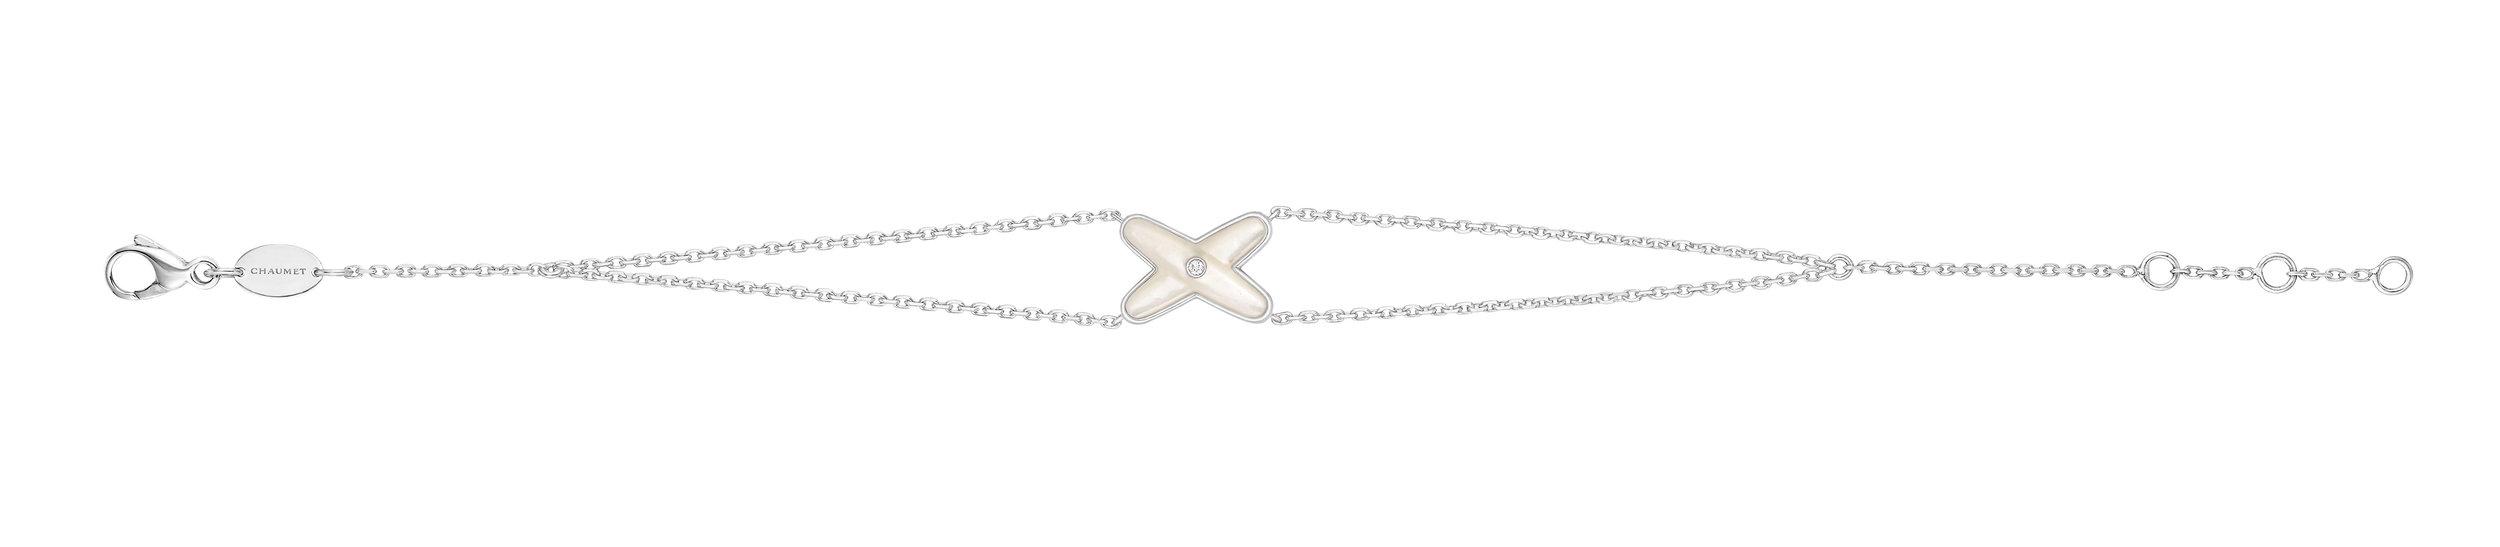 083163 Bracelet Jeux de Liens MOP WG R3 b.jpg